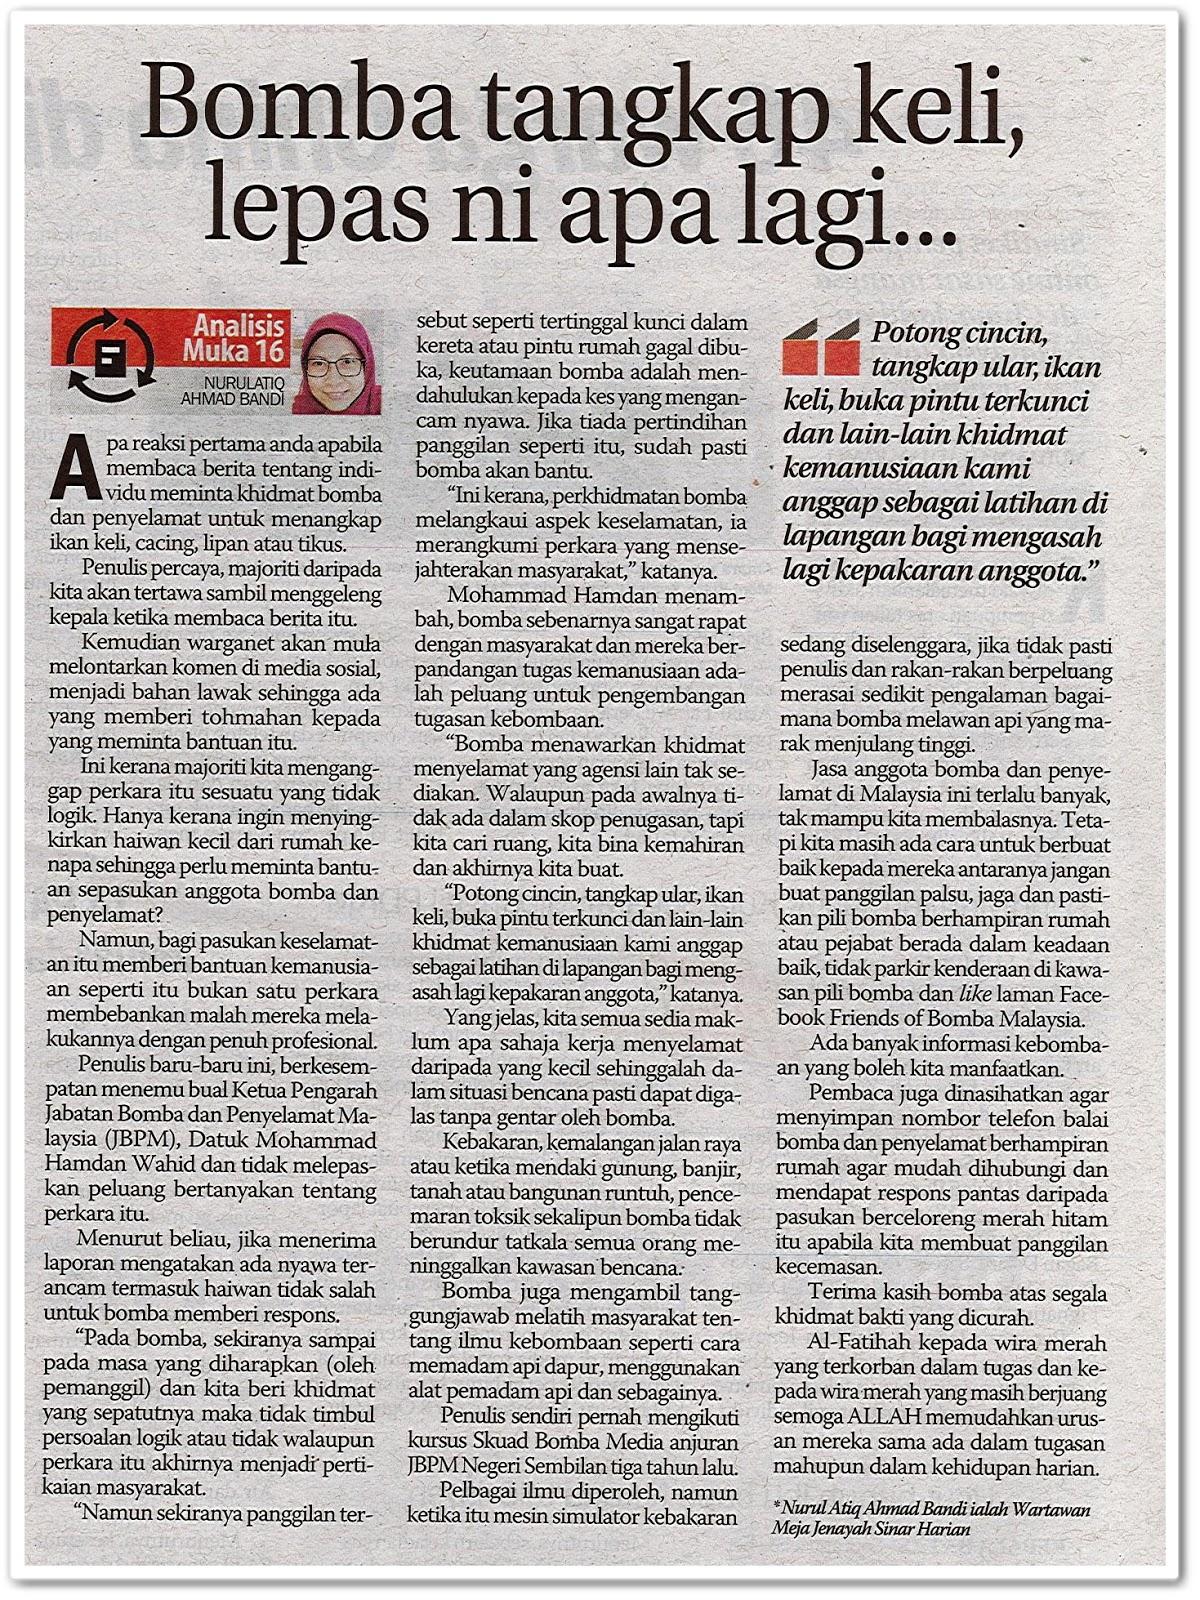 Bomba tangkap keli, lepas ni apa lagi... - Keratan akhbar Sinar Harian 9 September 2019